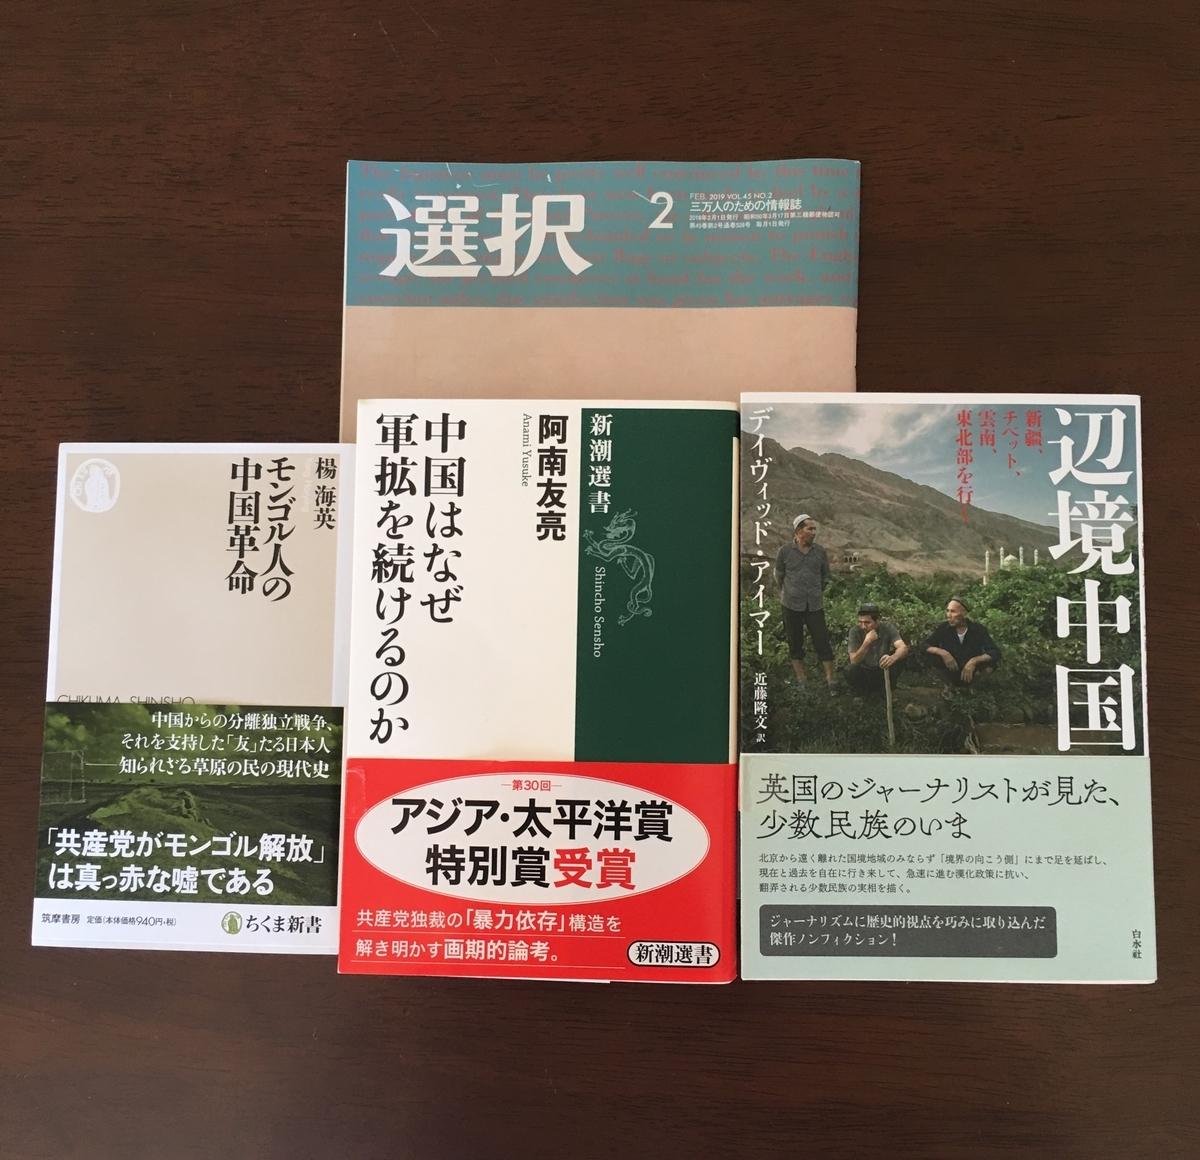 f:id:kiyomiya-masaaki:20190316105205j:plain